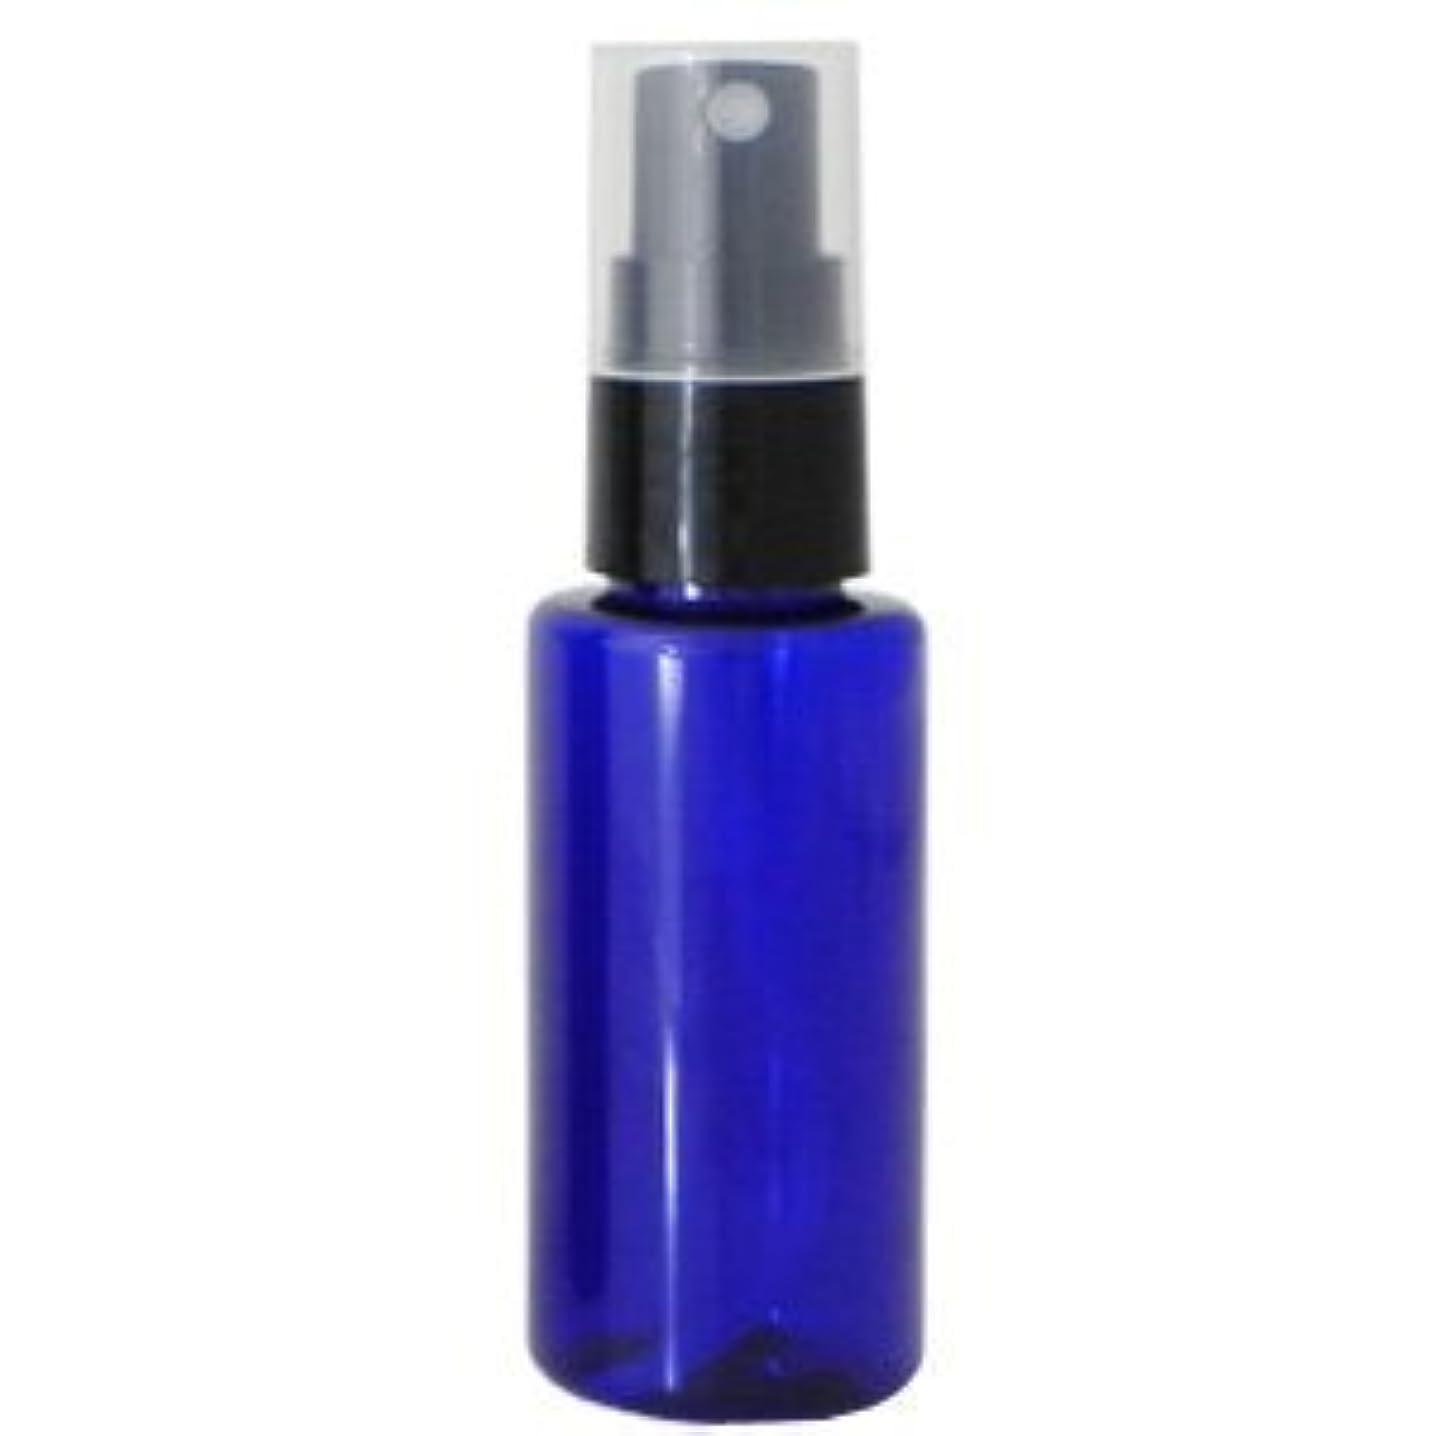 バングラデシュ霊破壊PETボトル スプレー コバルトブルー (青) 50ml